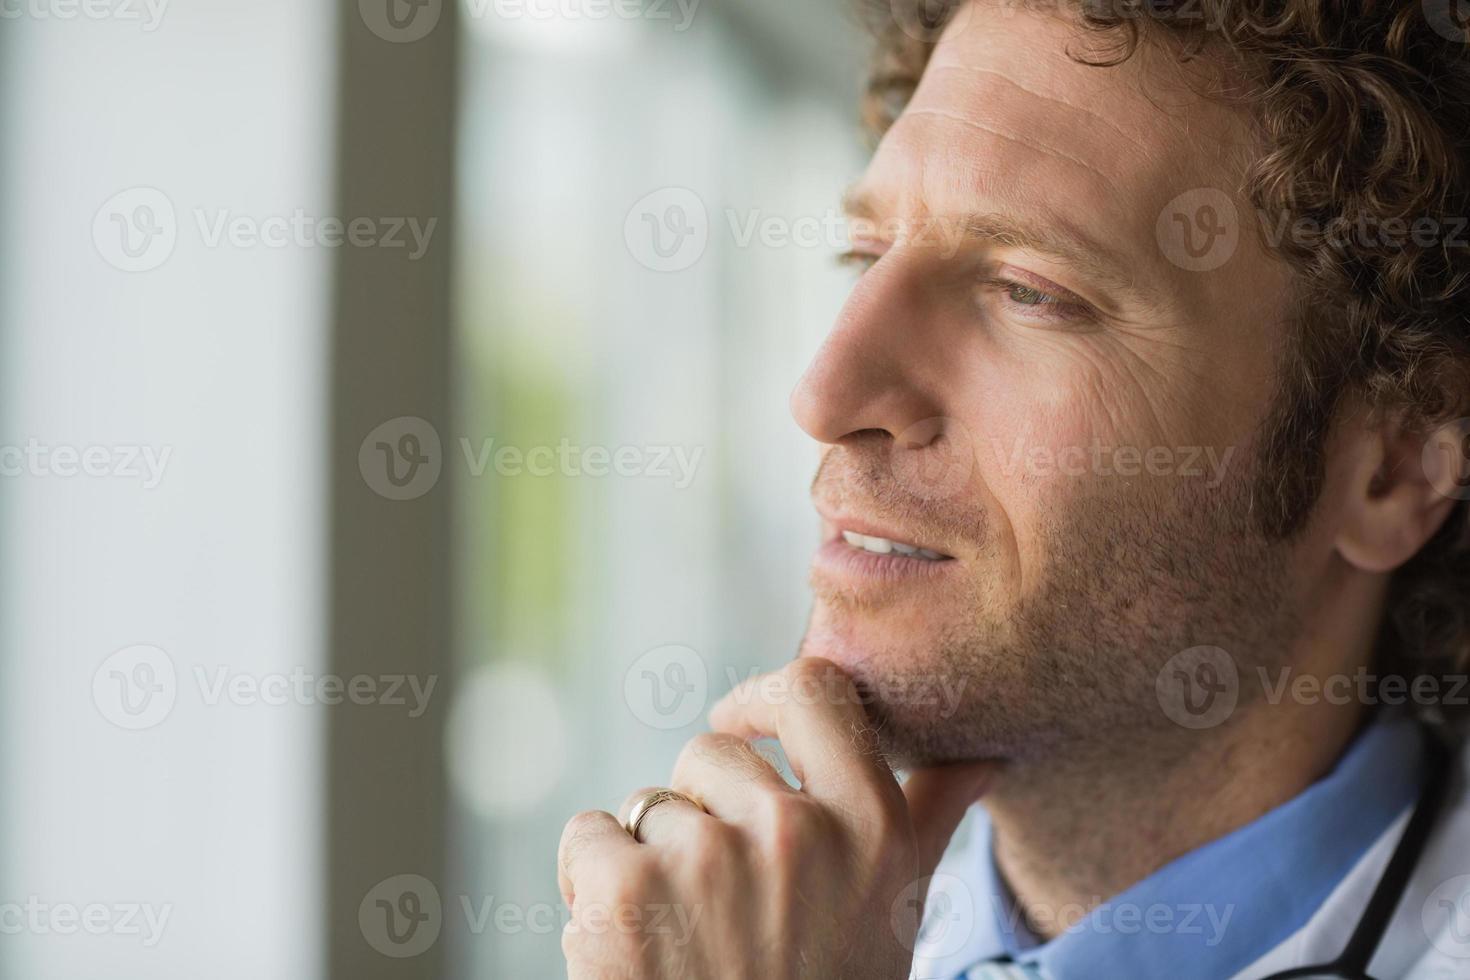 nachdenklicher männlicher Arzt foto